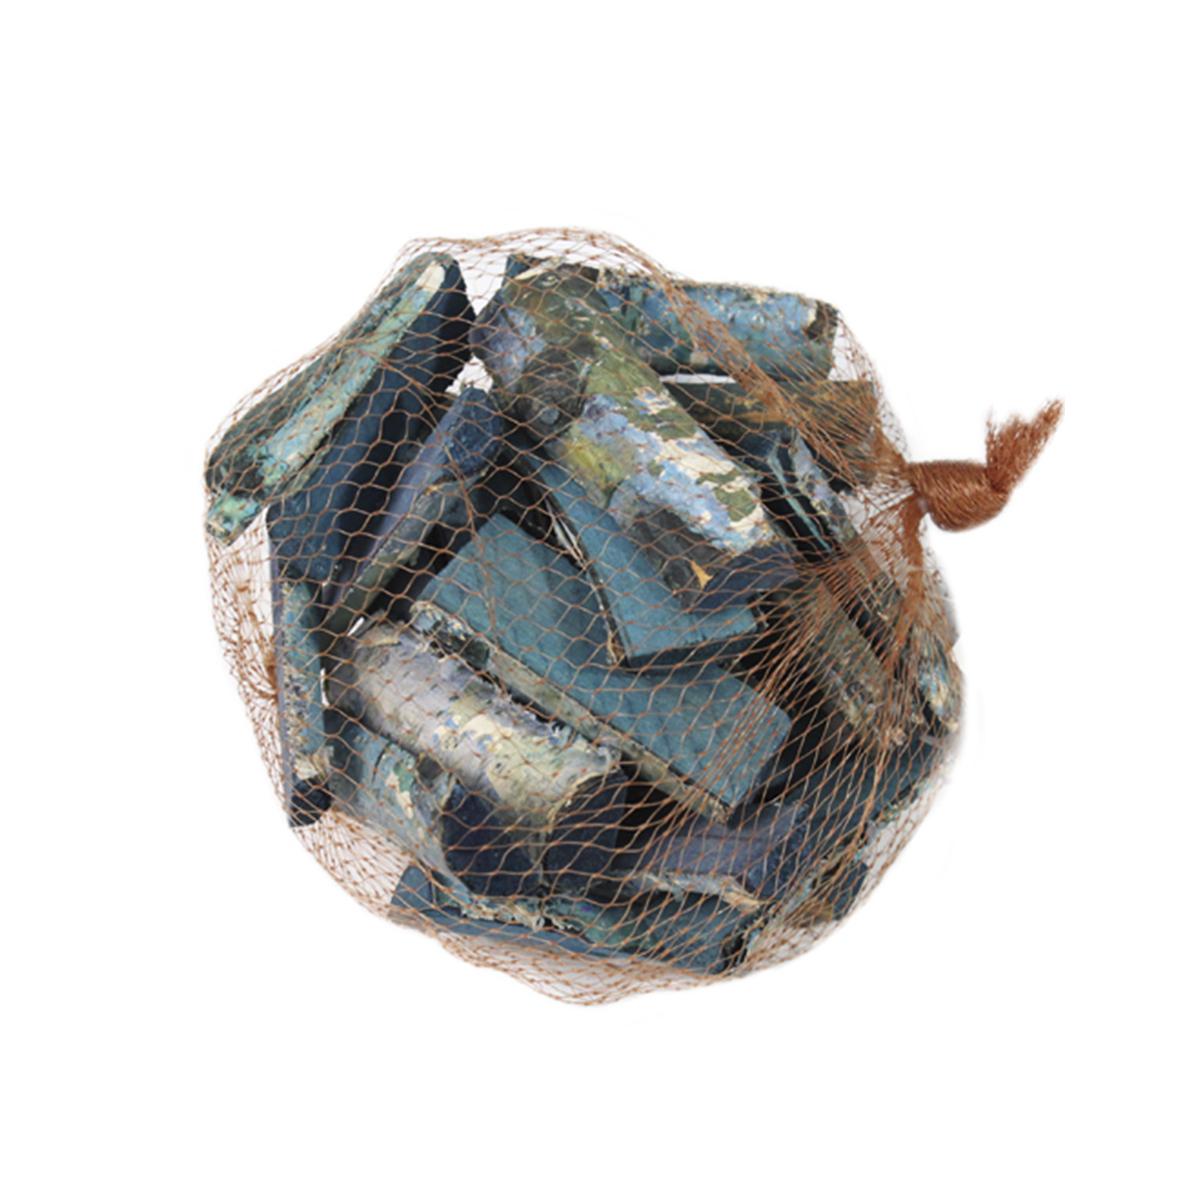 Декоративные элементы Dongjiang Art, цвет: синий, 250 г7708995_синийФлористика - вид декоративно-прикладного искусства, который использует живые, засушенные или консервированные природные материалы для создания флористических работ. Декоративные элементы изготовлены из натурального дерева, предназначен для украшения цветочных композиций. Изделие можно также использовать в технике скрапбукинг и многом другом. Средний размер элементов: 7 x 2 см, 5 x 1 см.